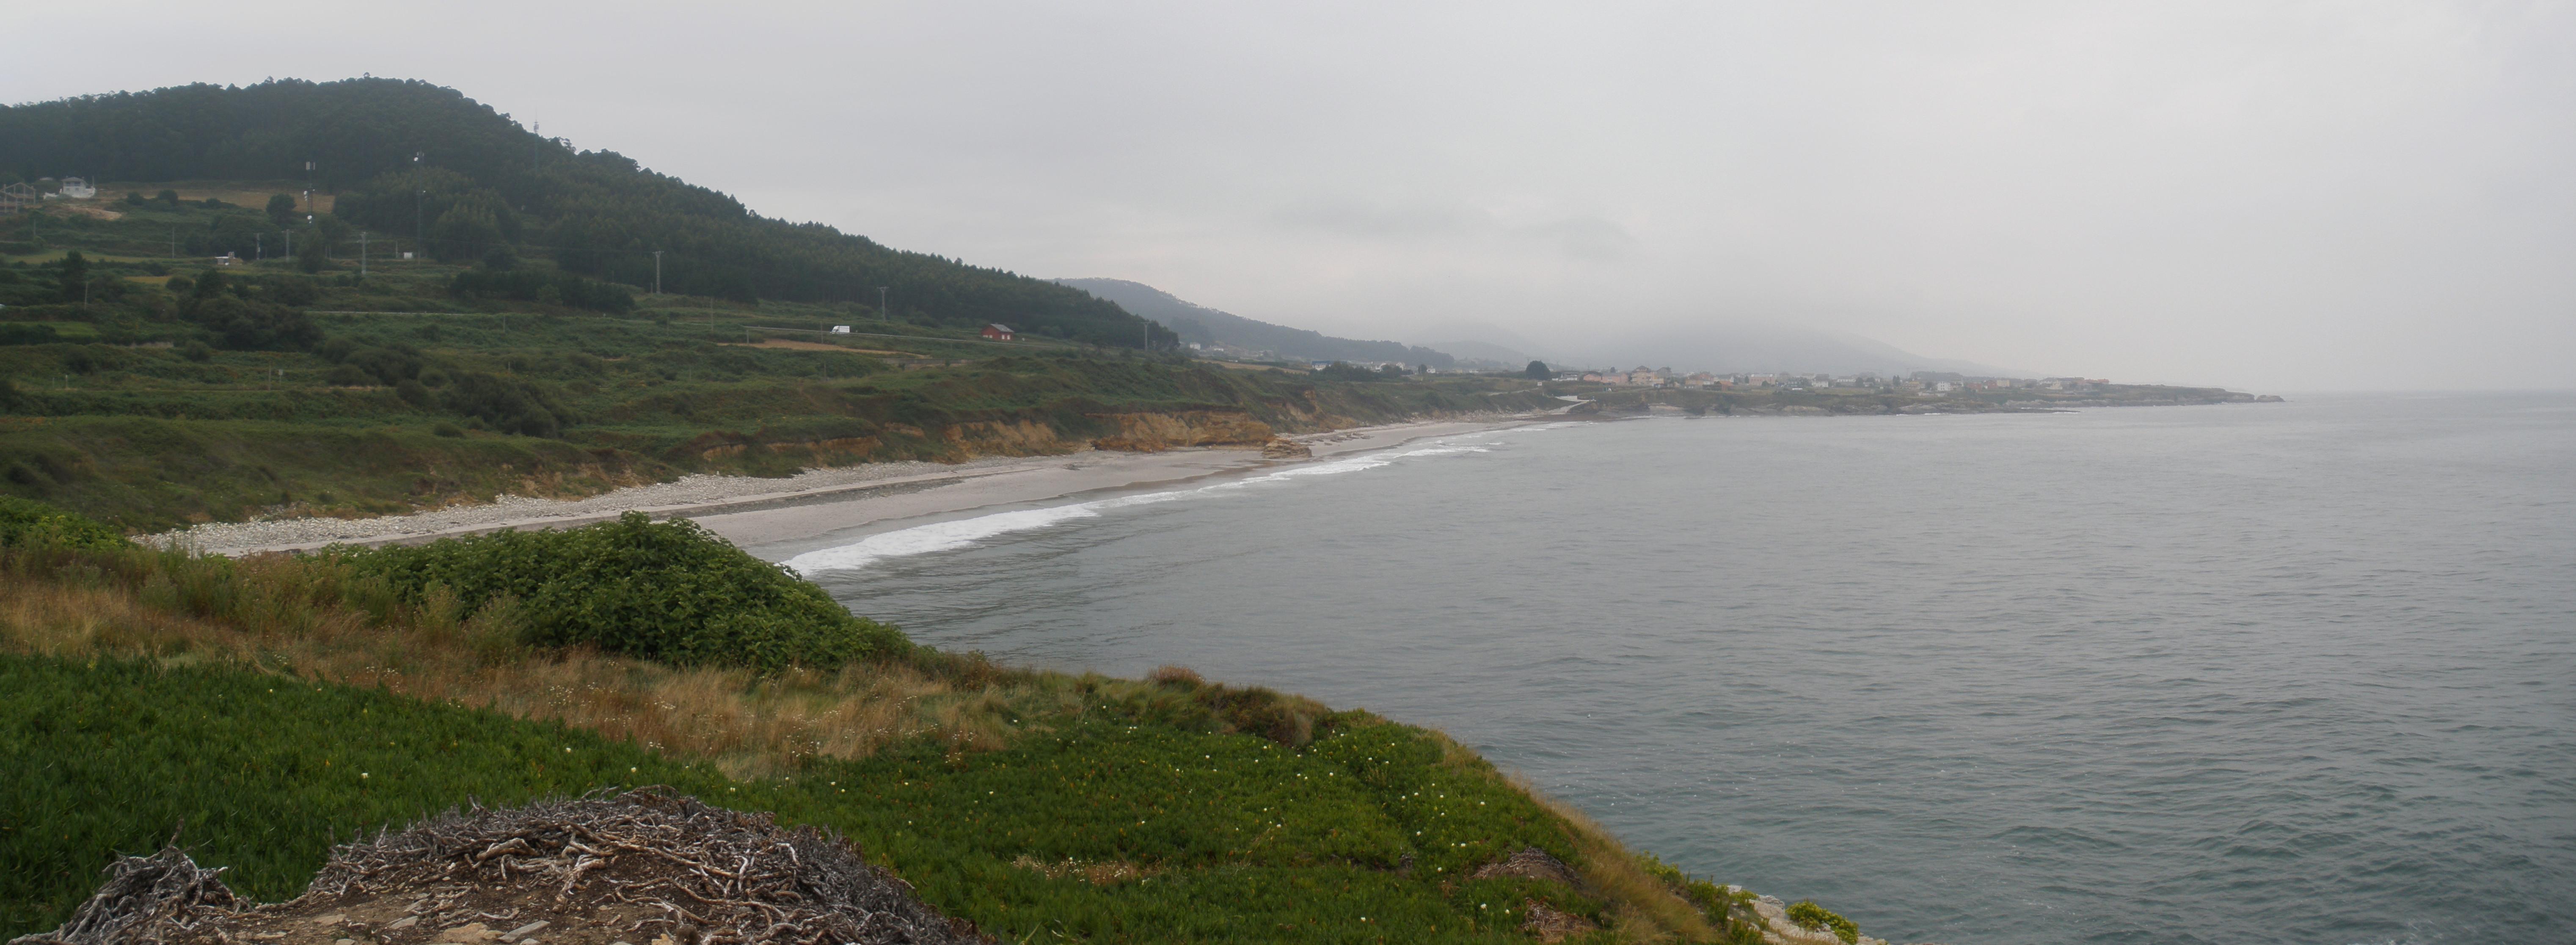 Foto playa Orxal. Panoramica de la playa de Arealonga desde el castro